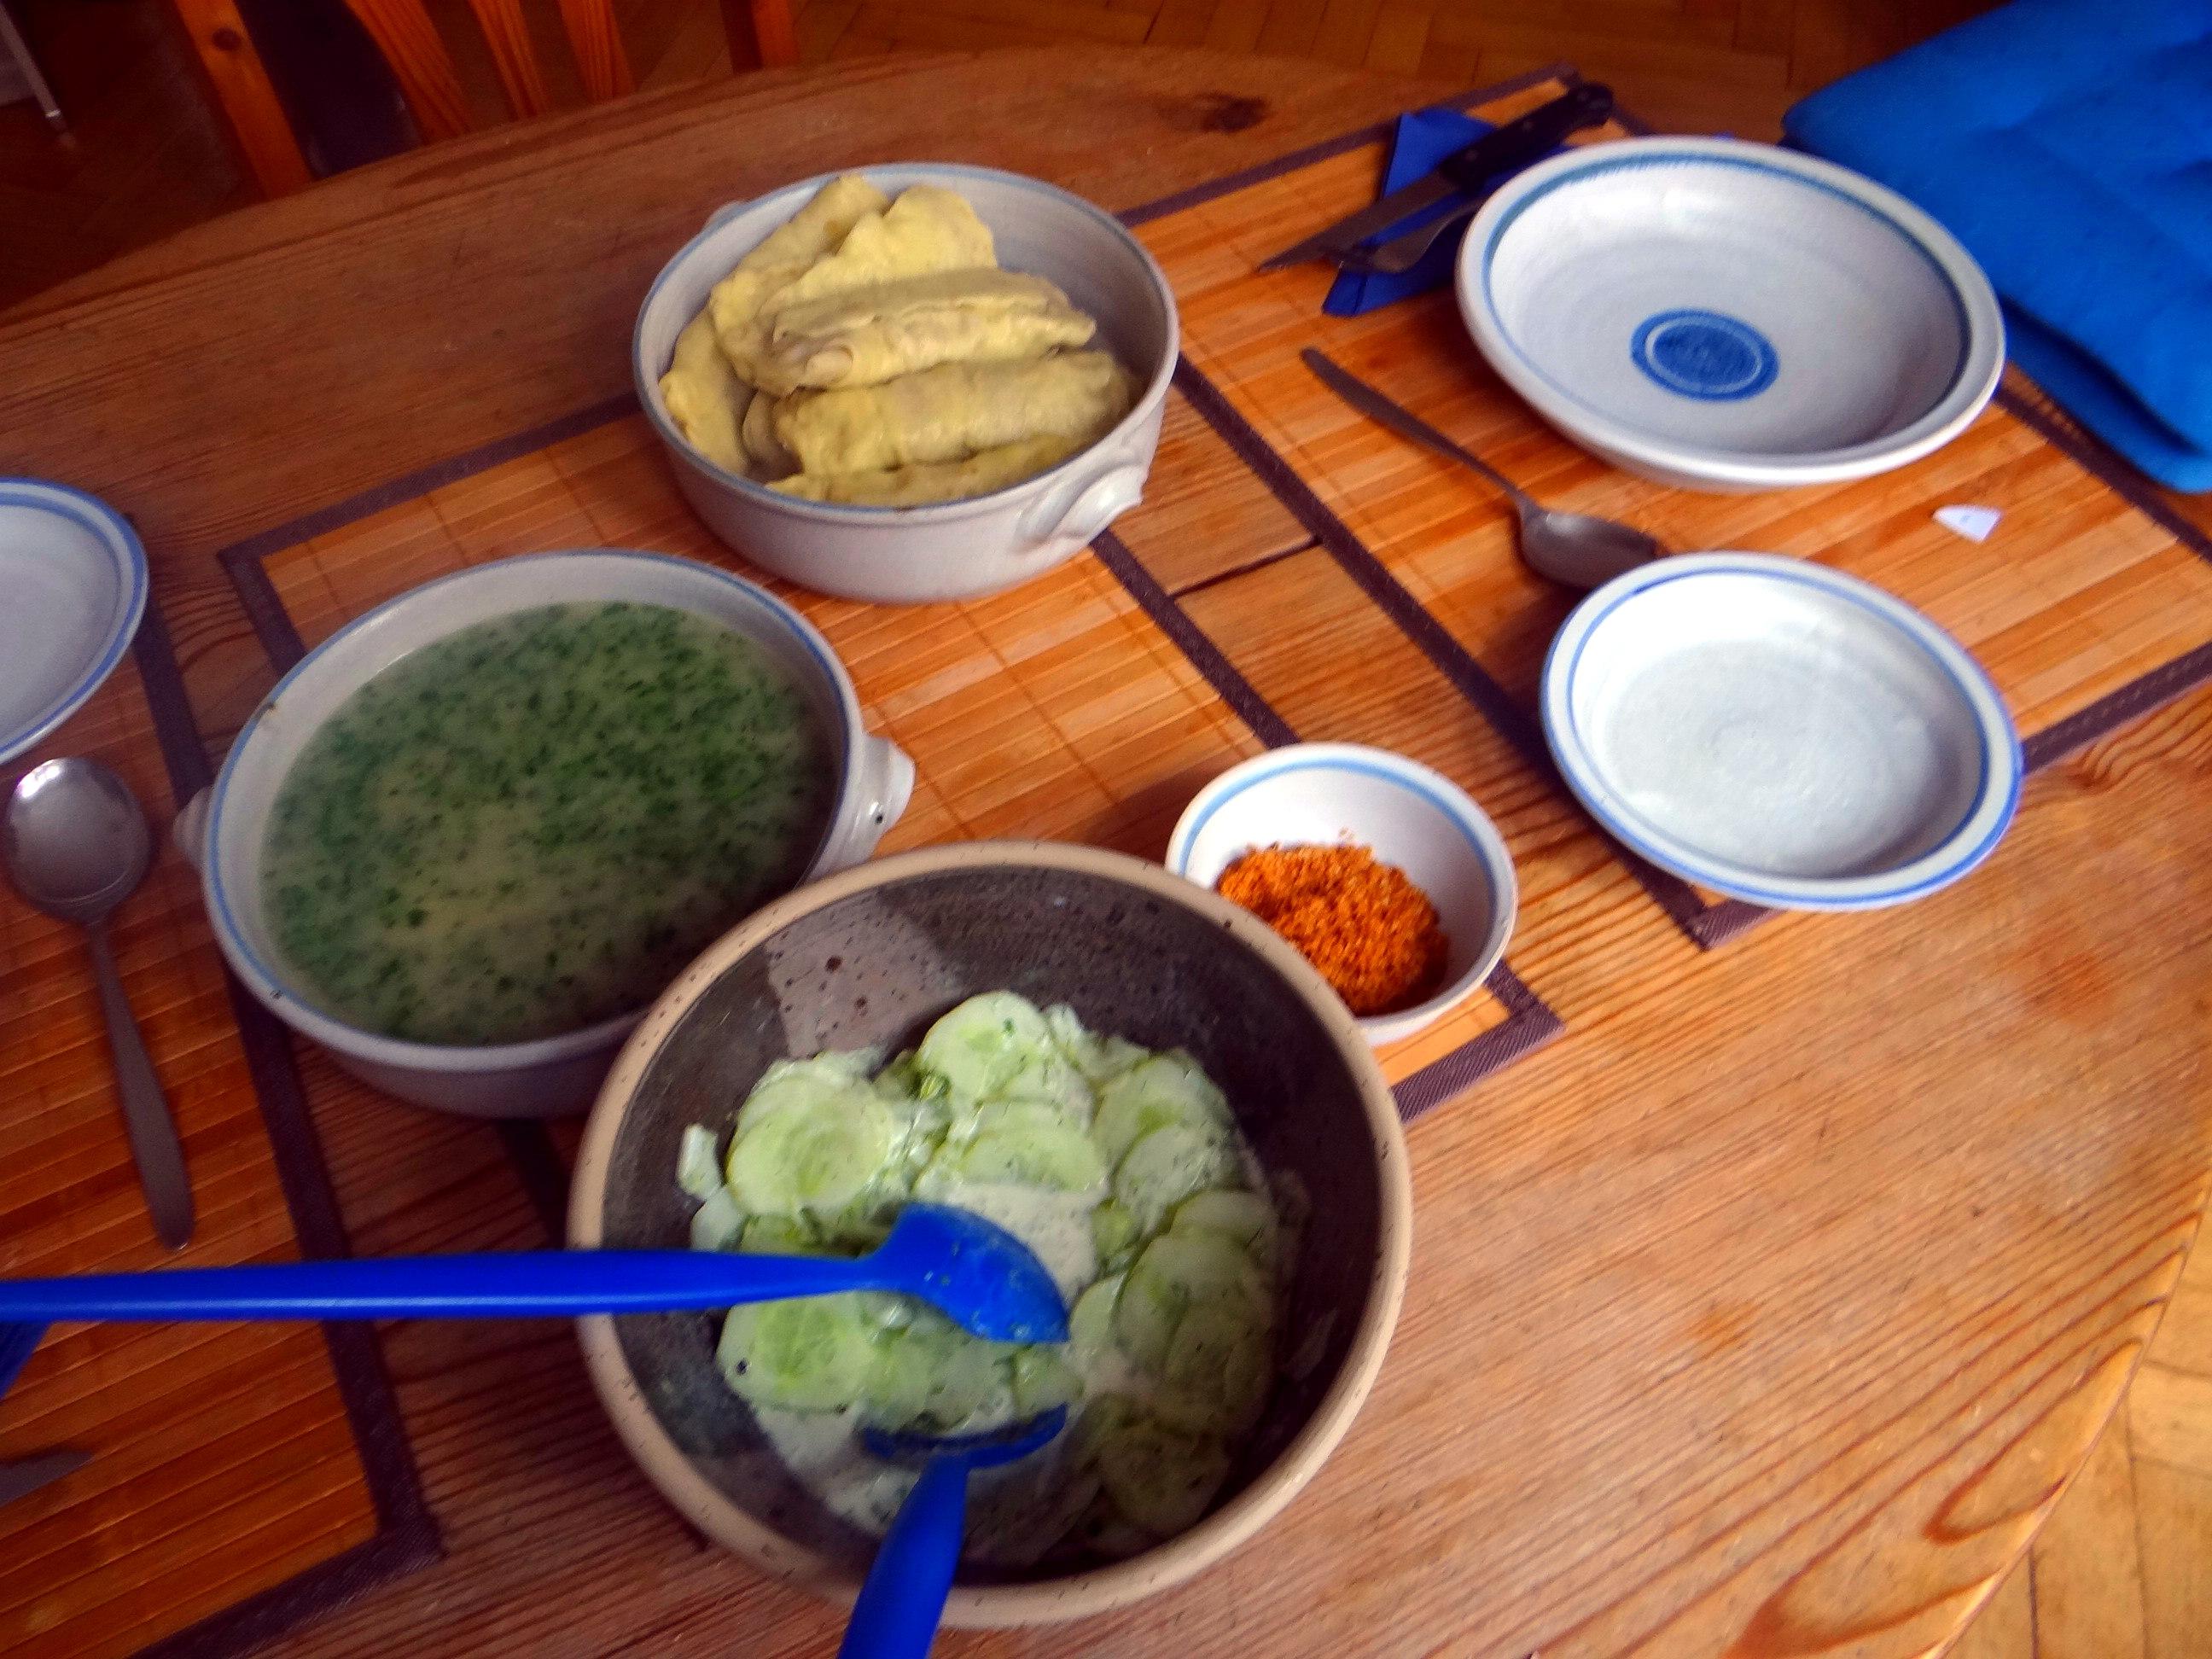 Wickelklöße,Petersiliensoße,Gurkensalat,Joghurtspeise (5)